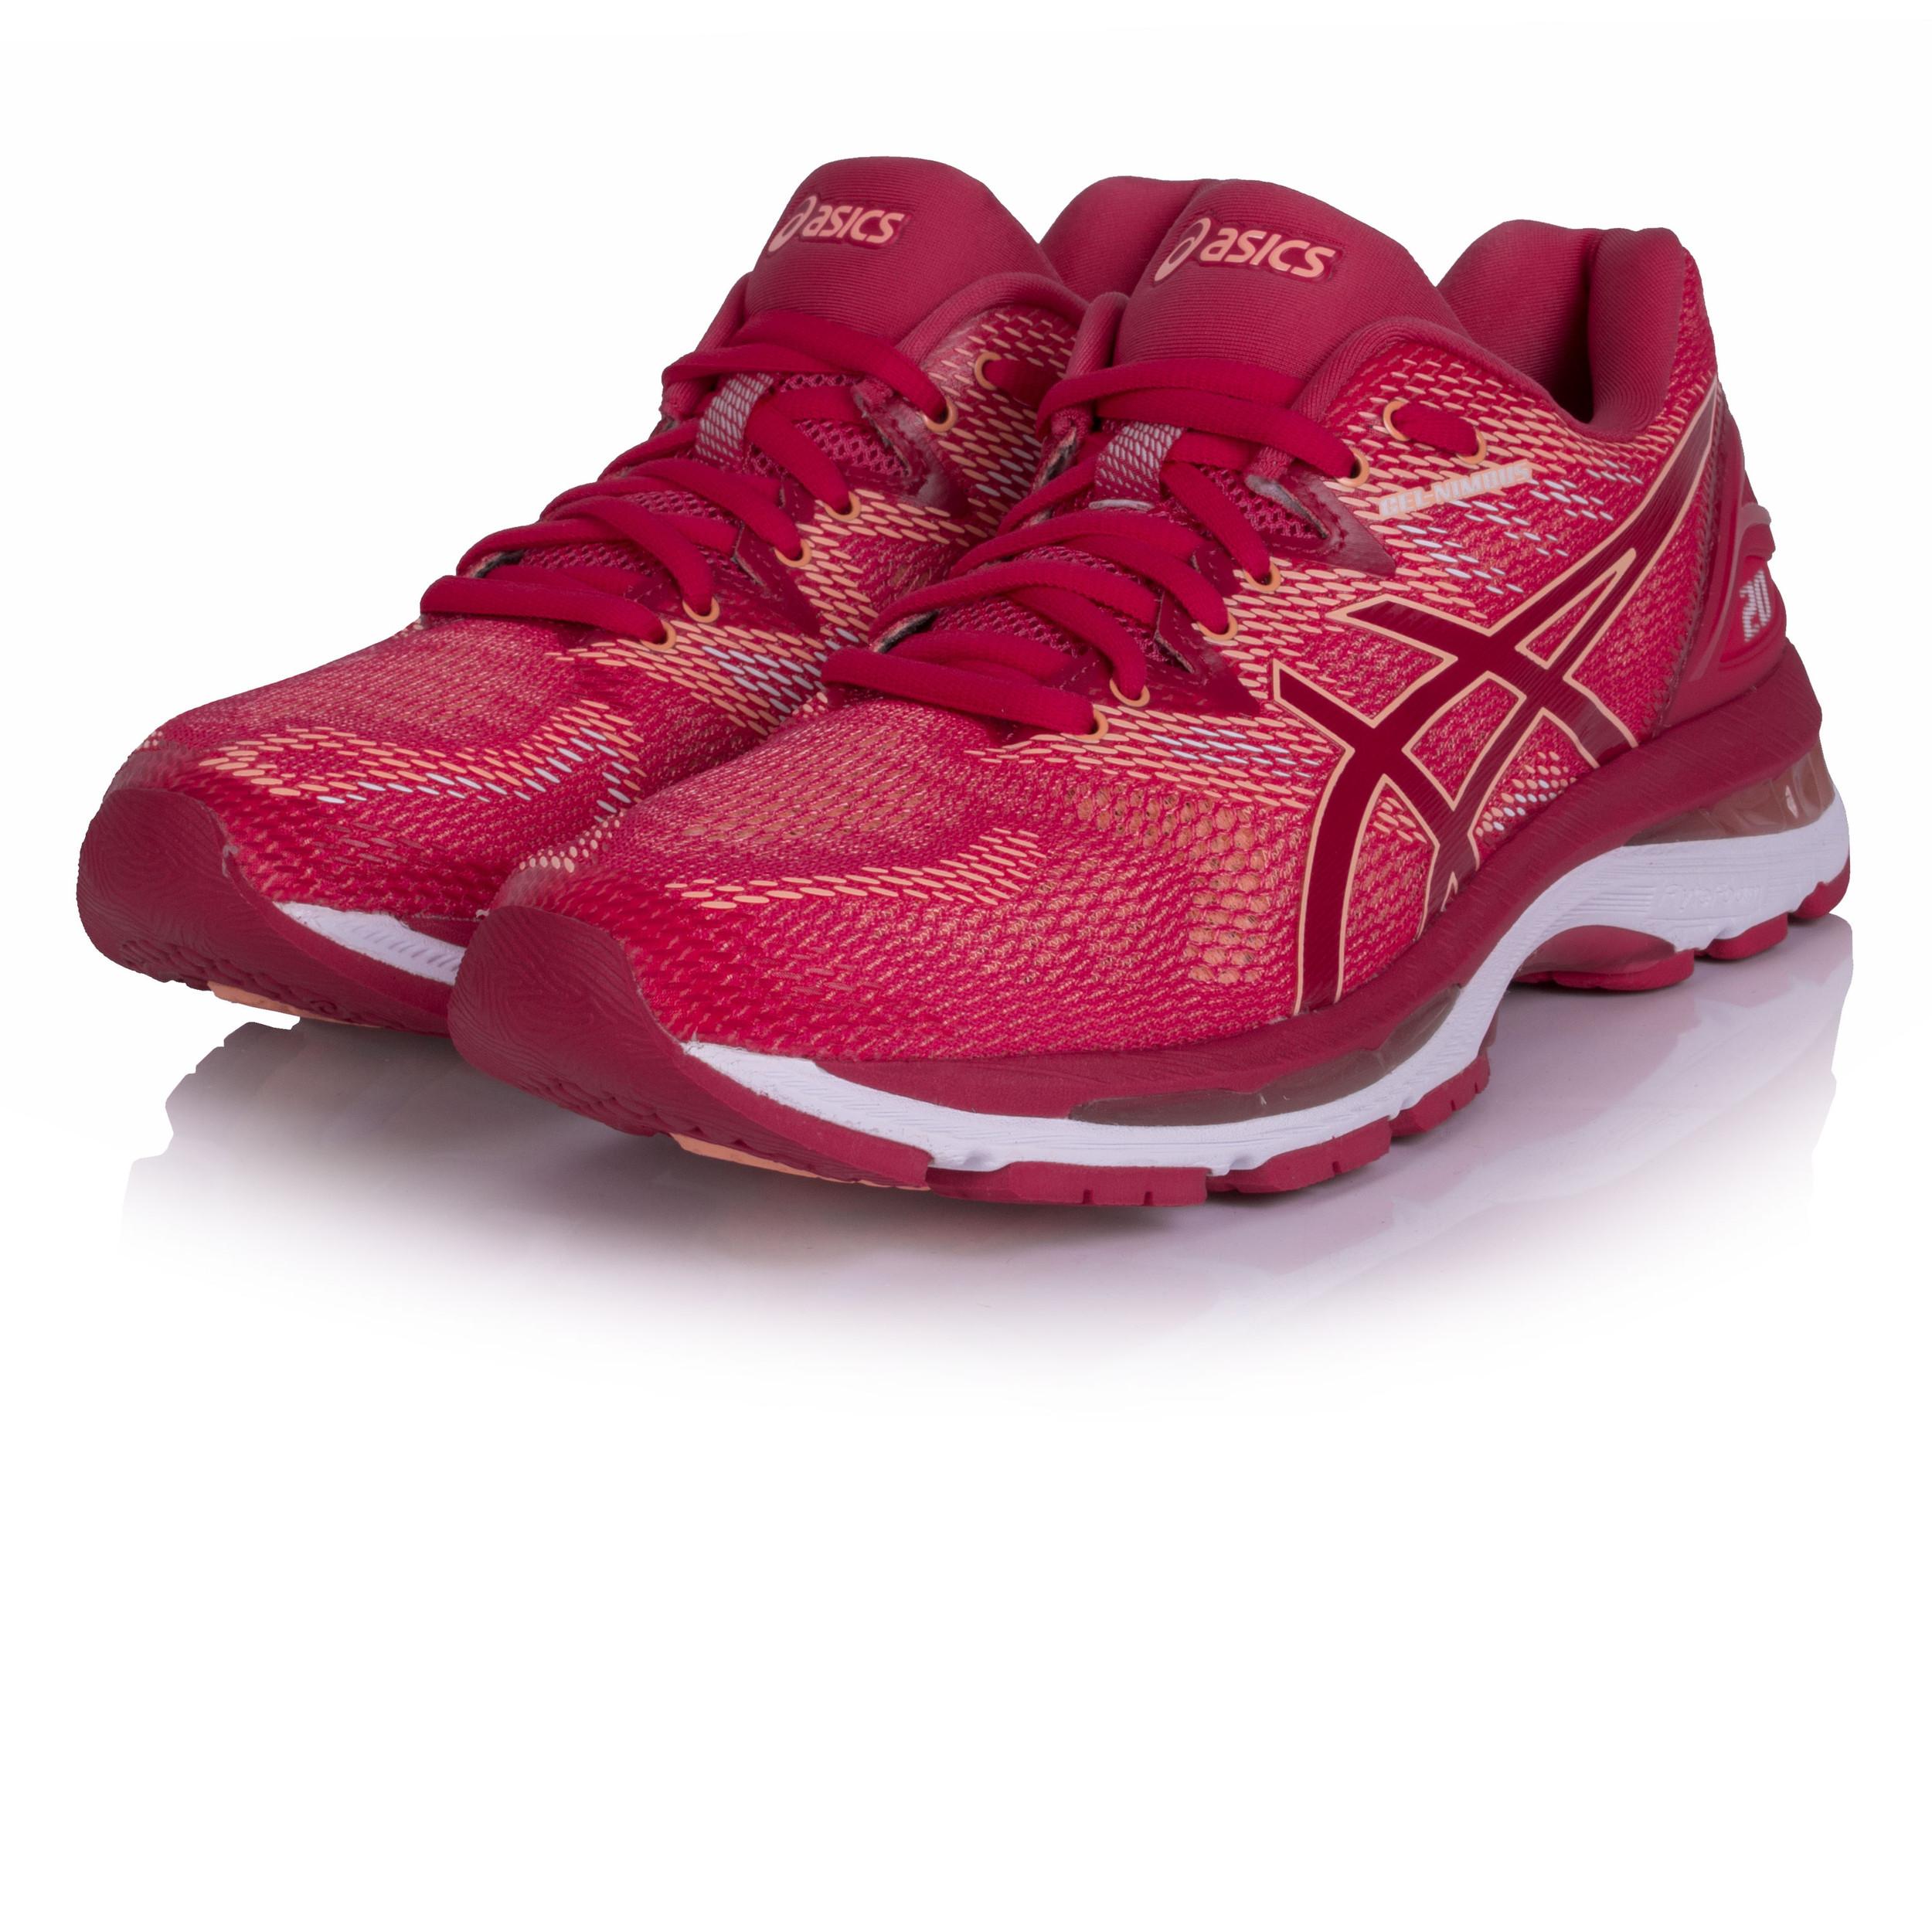 Asics Femme GT-1000 6 Chaussures De Course Baskets Sneakers ROSE SPORT respirant-afficher le titre d'origine